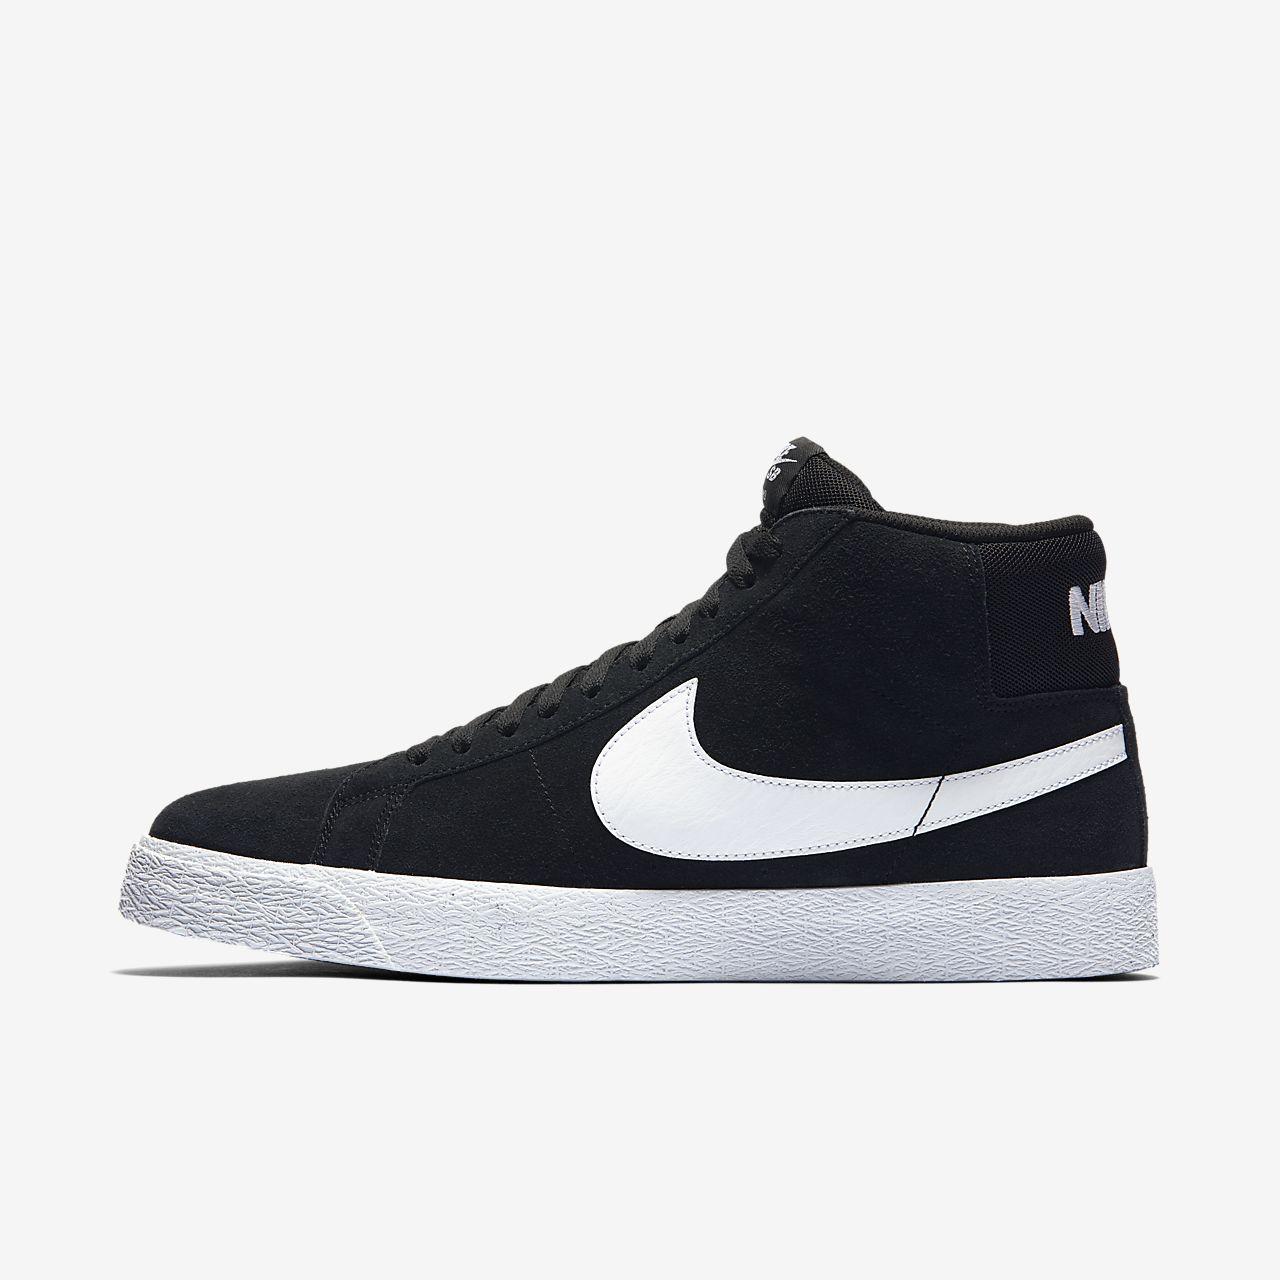 Nike SB Zoom Blazer Mid skatesko